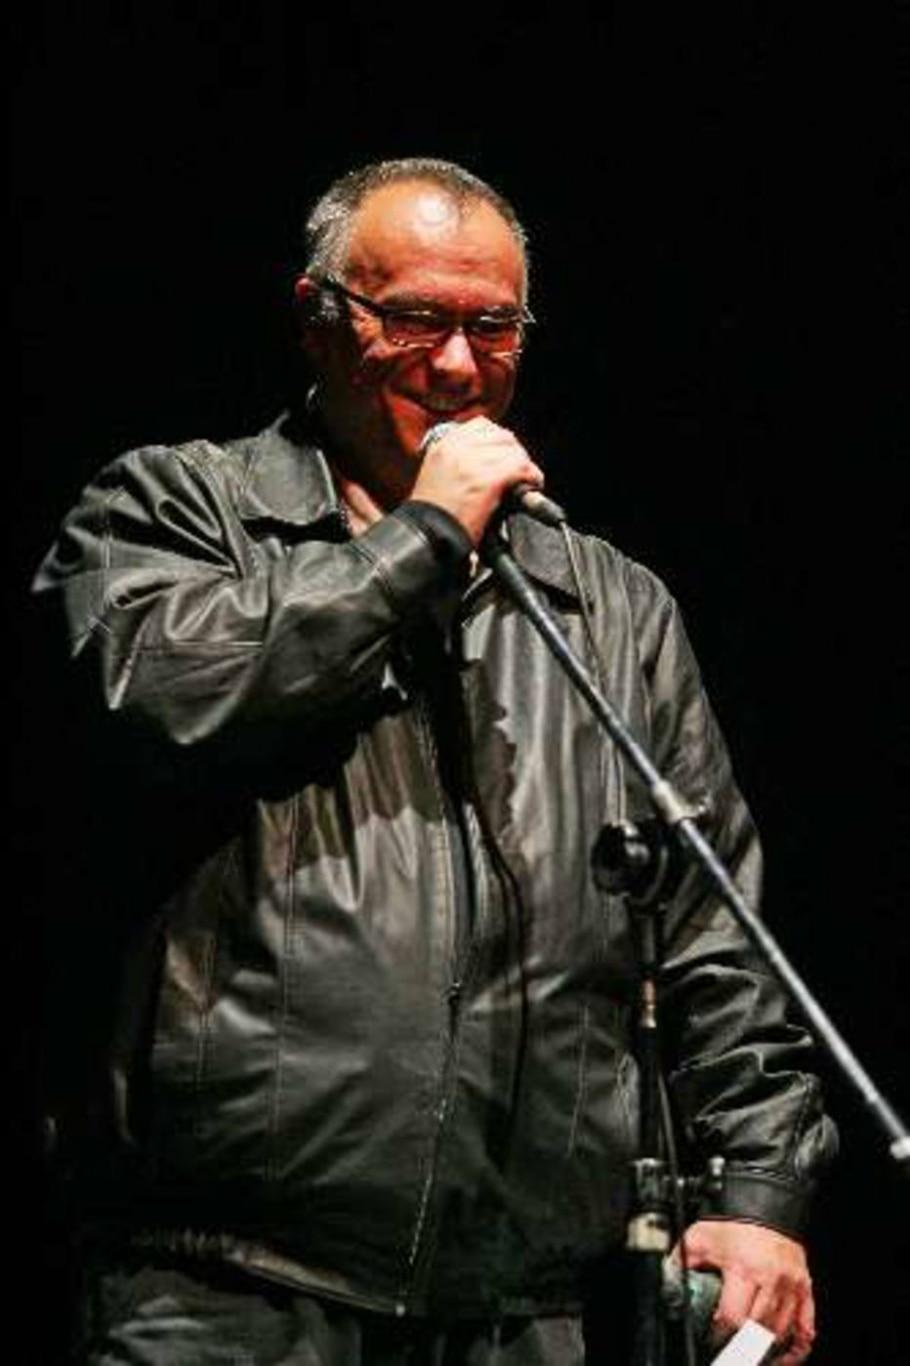 Diretor teatral Gabriel Villela recebe Prêmio APCA pela direção do espetáculo